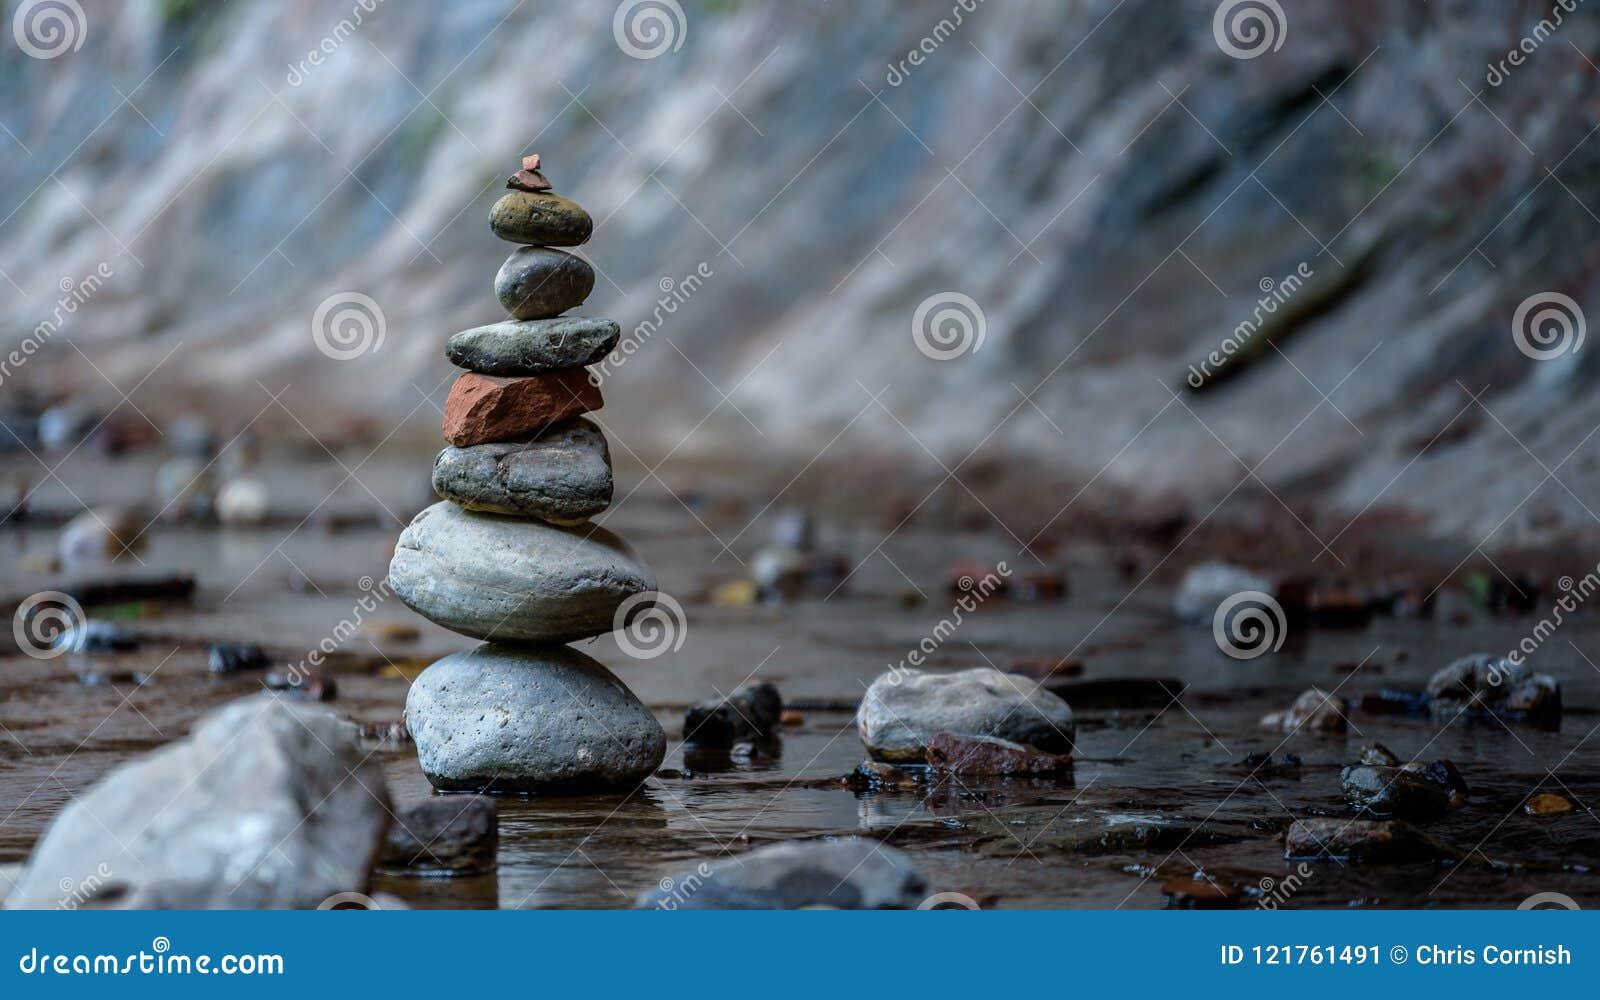 禅宗和平衡本质上